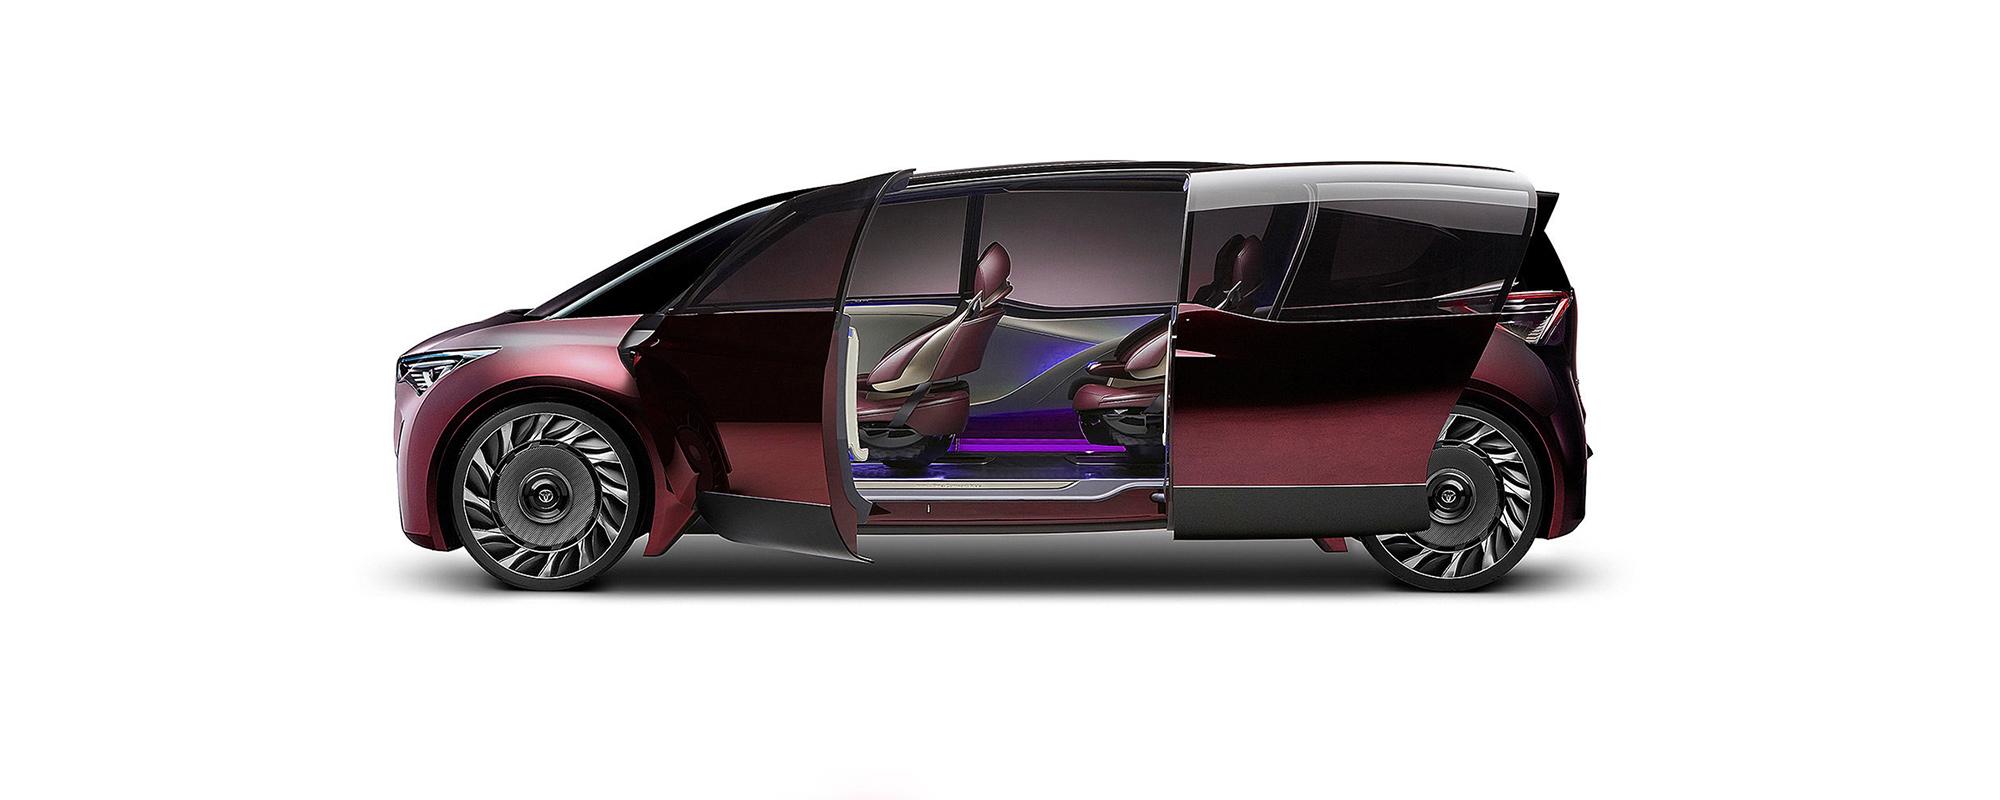 Toyota Fine-Comfort Ride Concept laat mogelijkheden waterstofauto zien